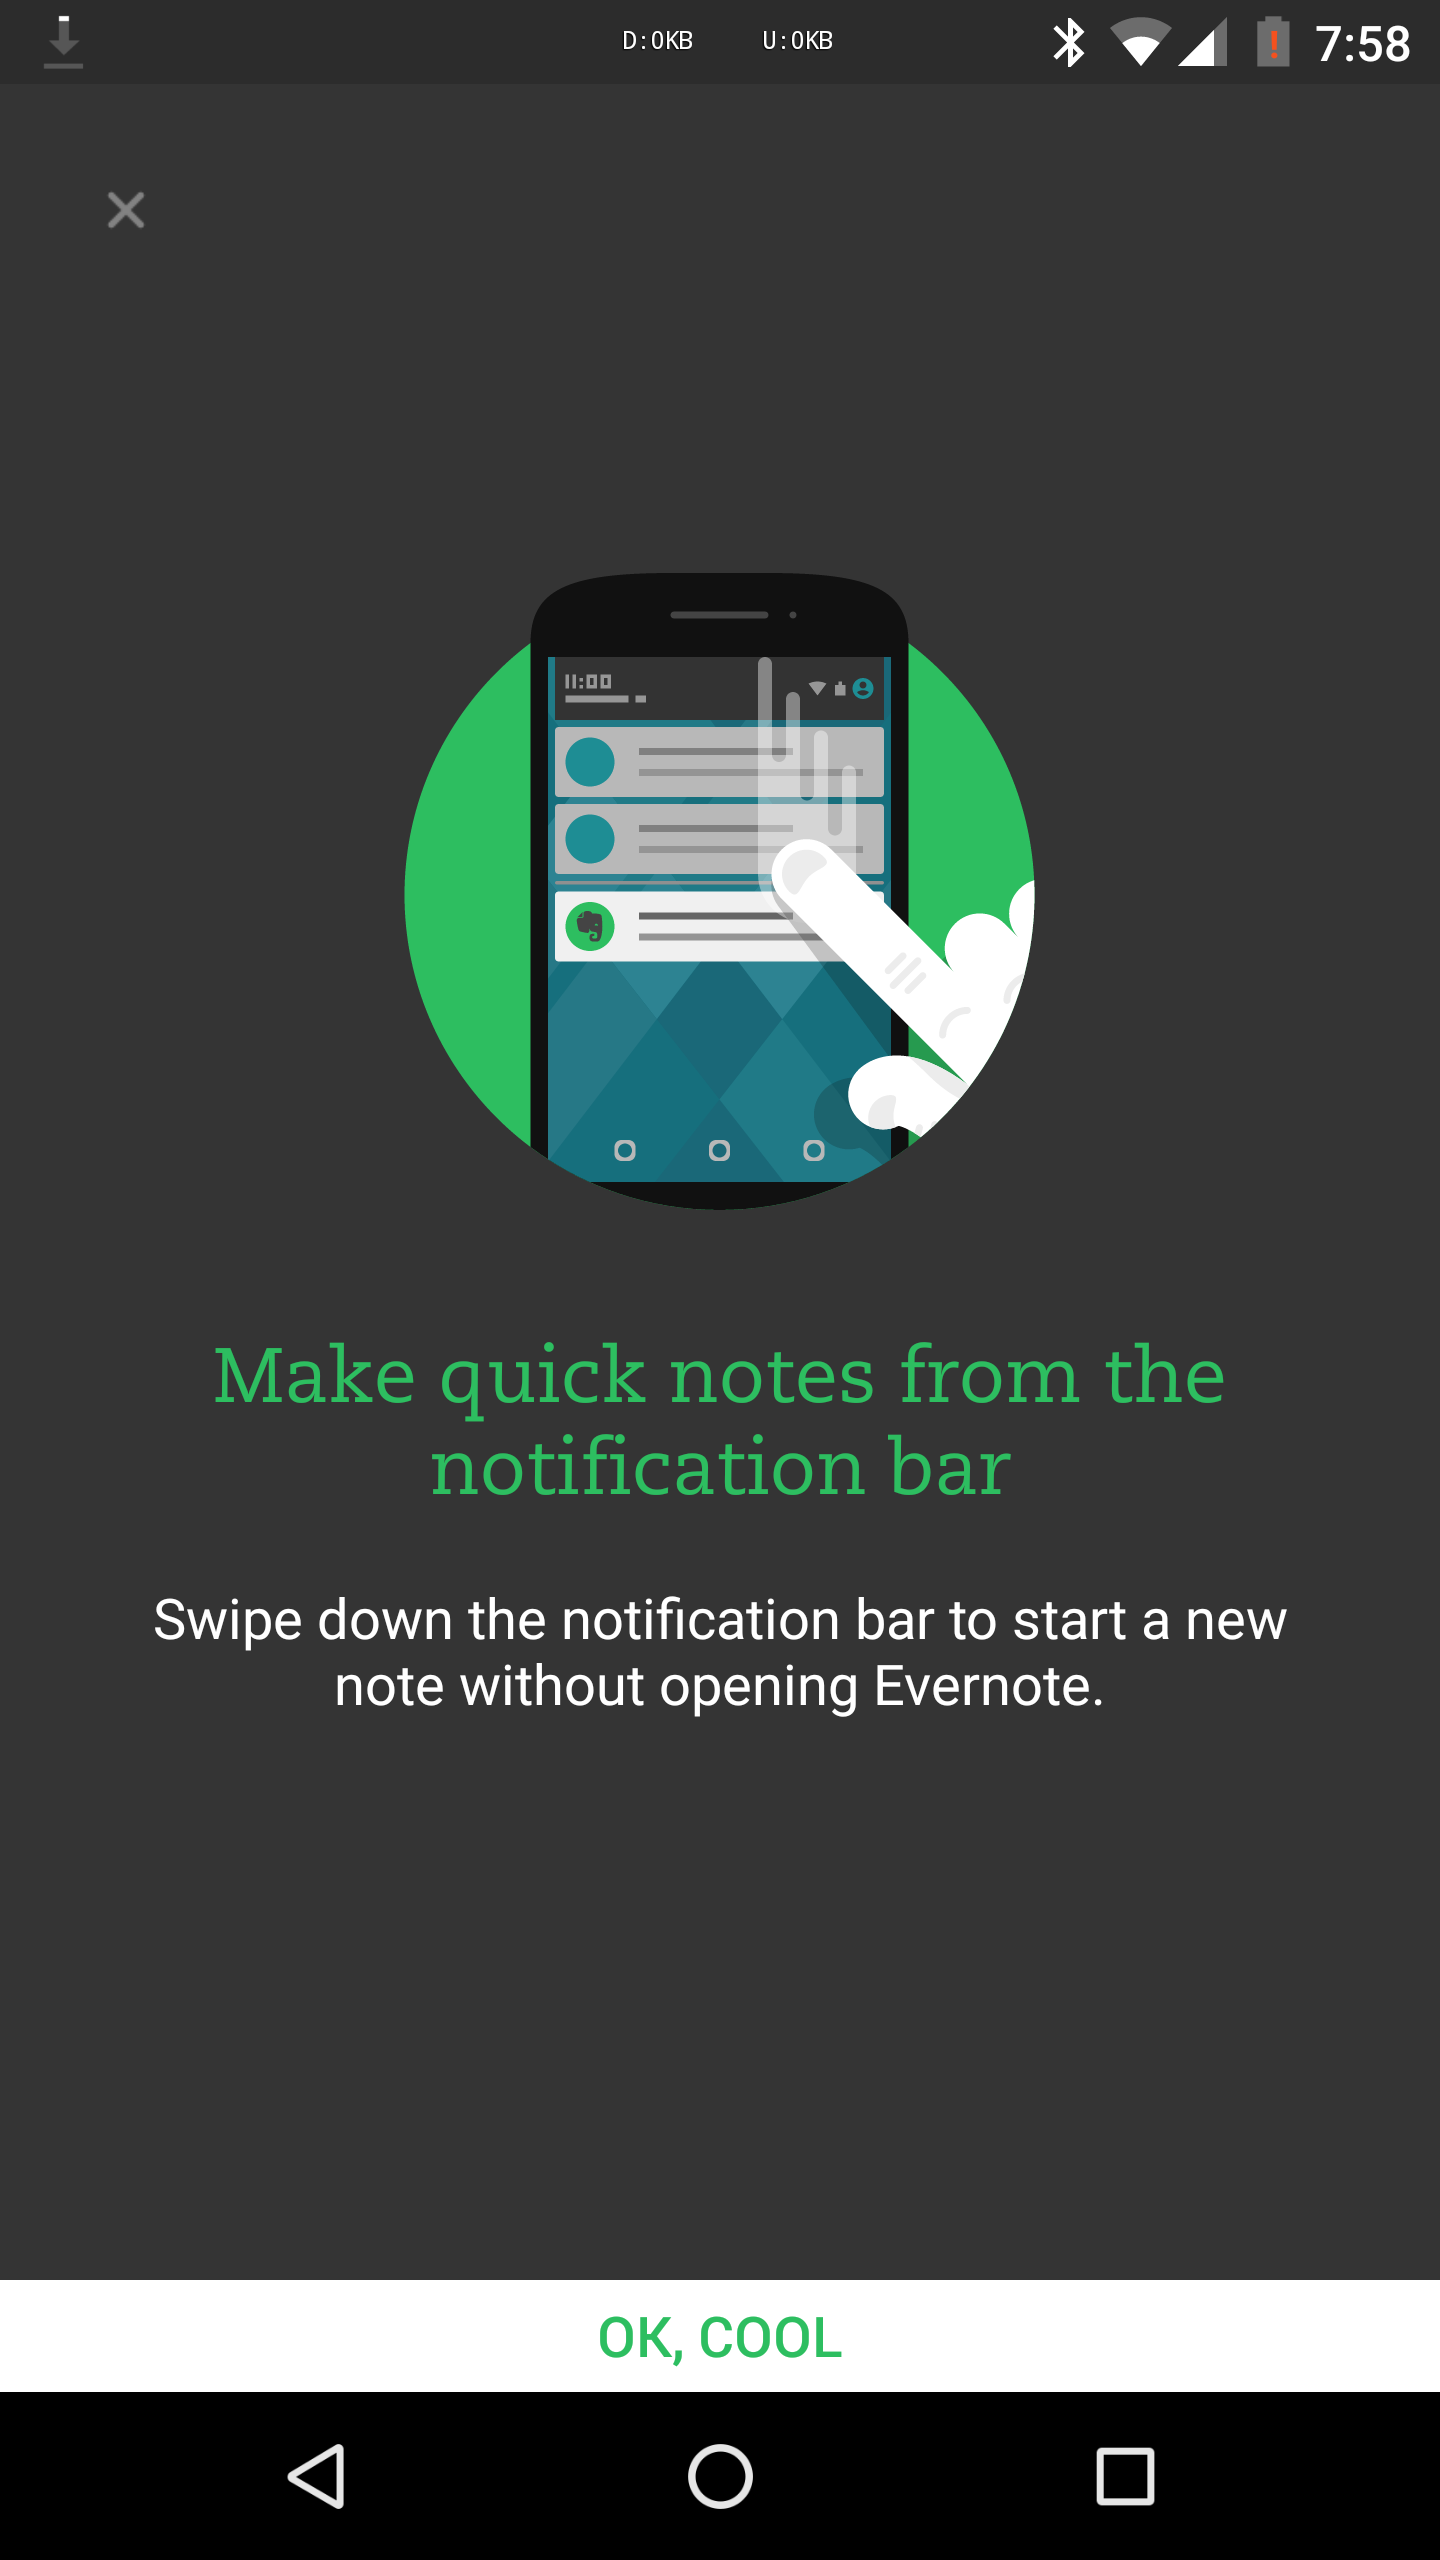 تطبيق Evernote يجلب خاصية الملاحظات السريعة في شريط الإعلام